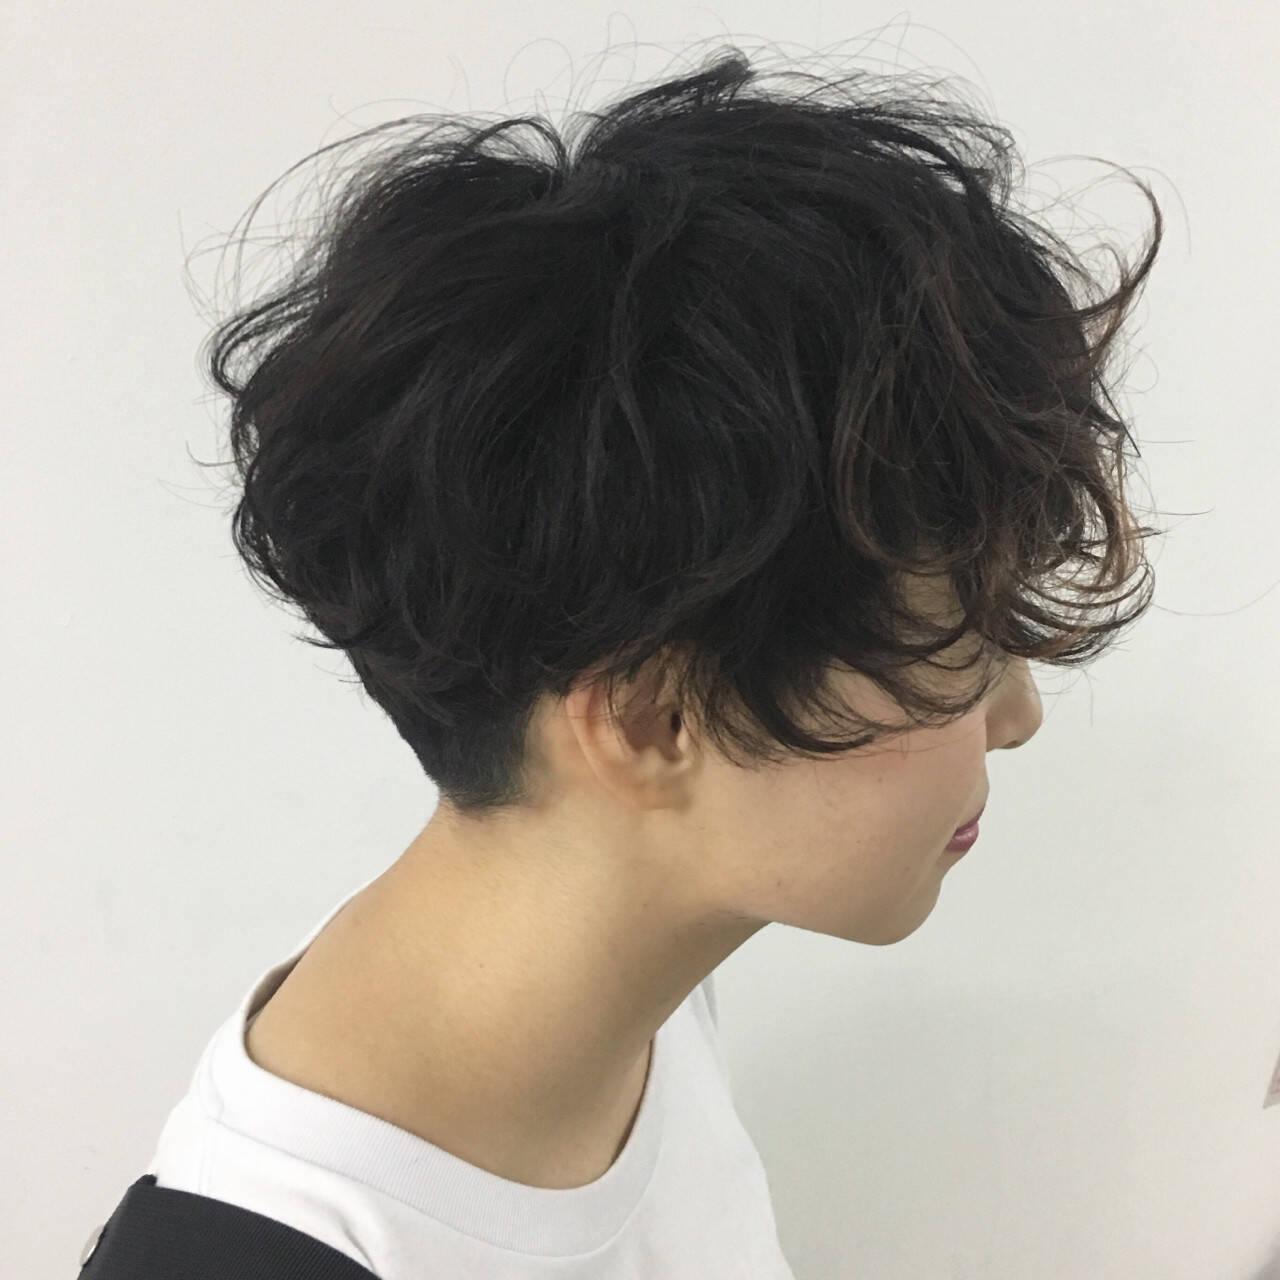 ストリート ゆるふわ 簡単 ショートヘアスタイルや髪型の写真・画像